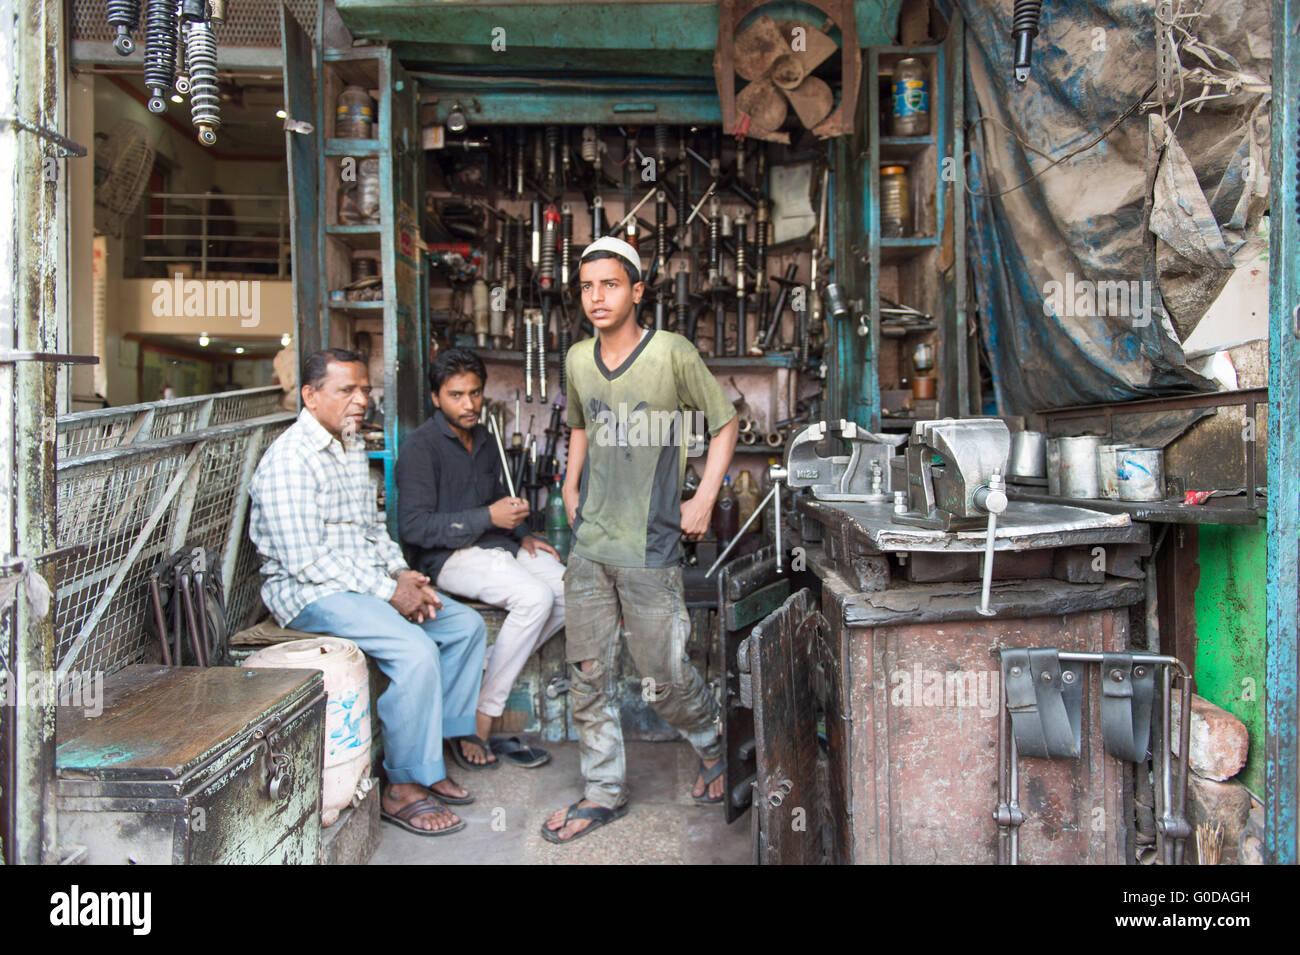 Nicht identifizierte lokalen indischen Mechaniker posieren für Kamera die Straße Alt-Delhi in Indien. Stockbild